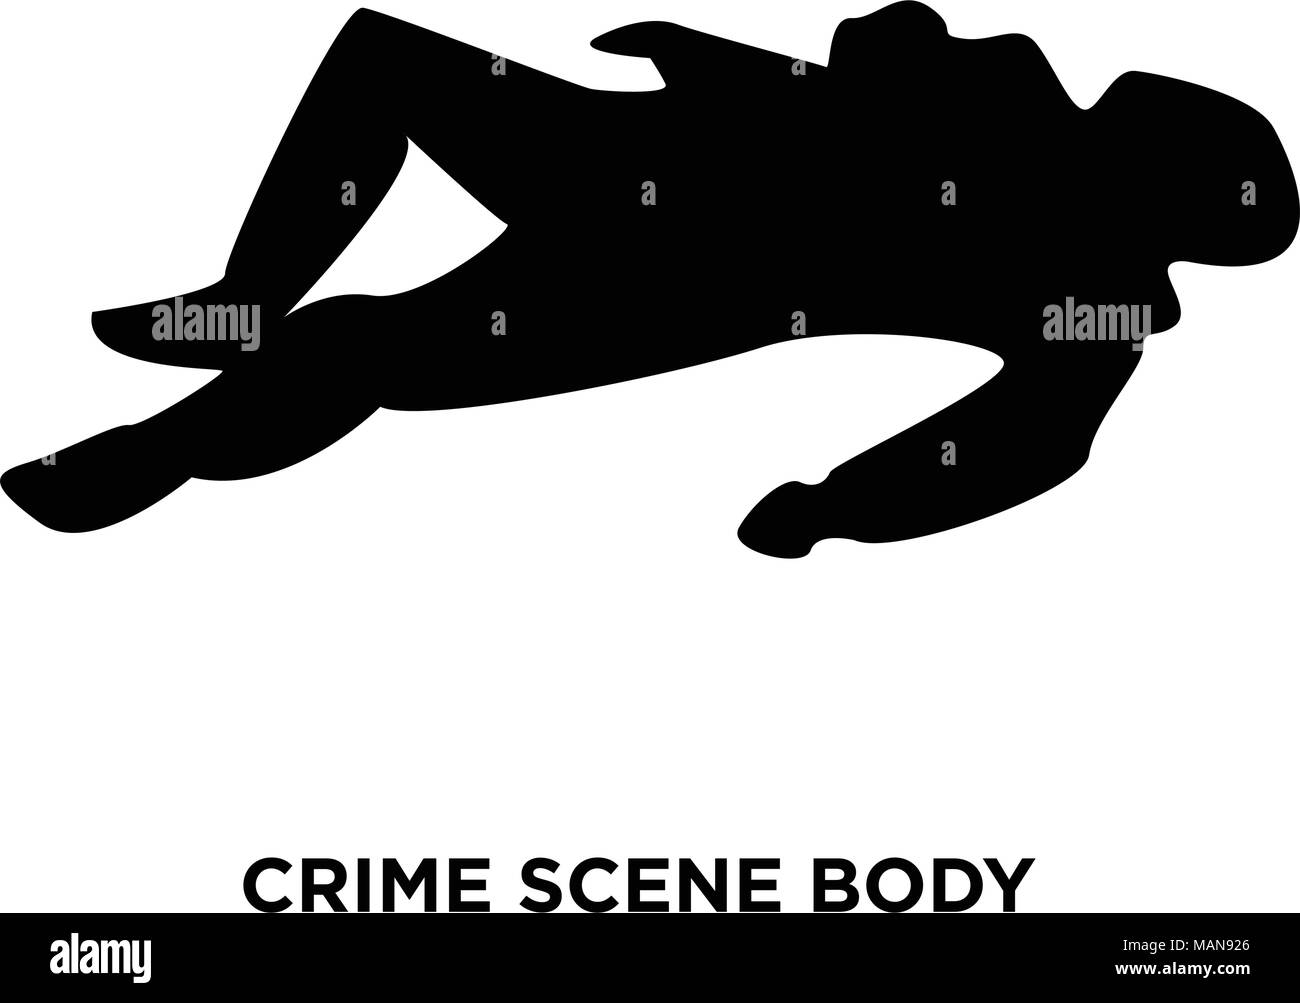 crime scene body silhouette on white background, vector illustration